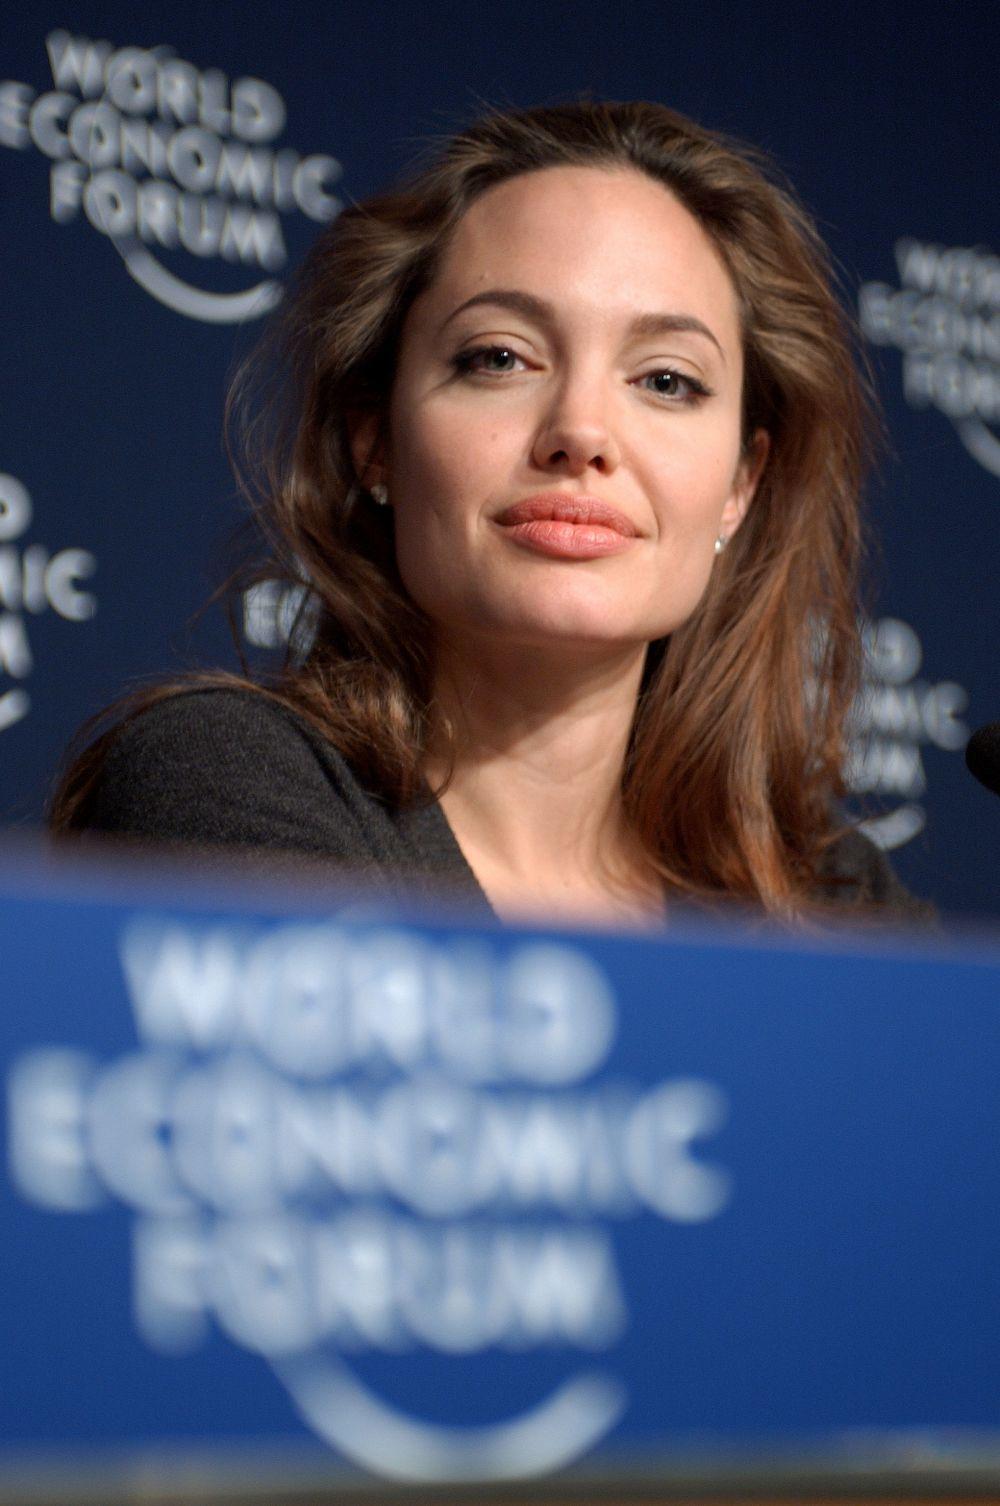 Общественная и политическая активность Анджелины Джоли не ограничивается лишь поездками в бедствующие страны – она выступала с докладом на Всемирном экономическом форуме в Давосе в 2005 году и других крупных встречах в США и Европе.